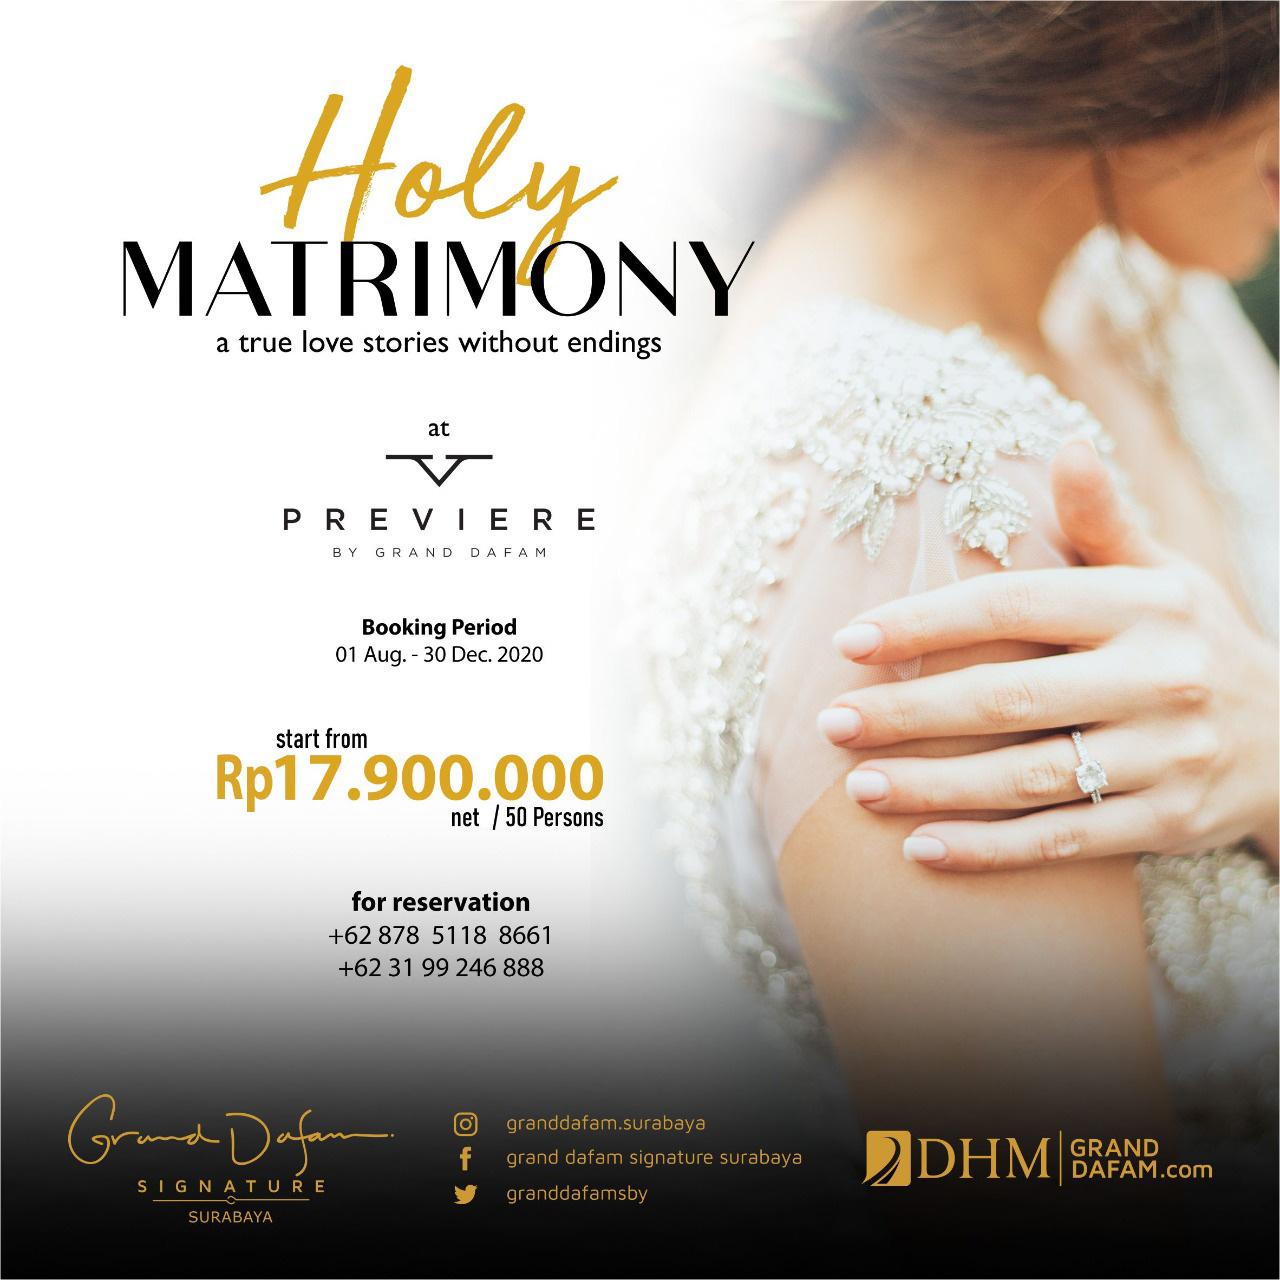 GDSS Holy Matrimony